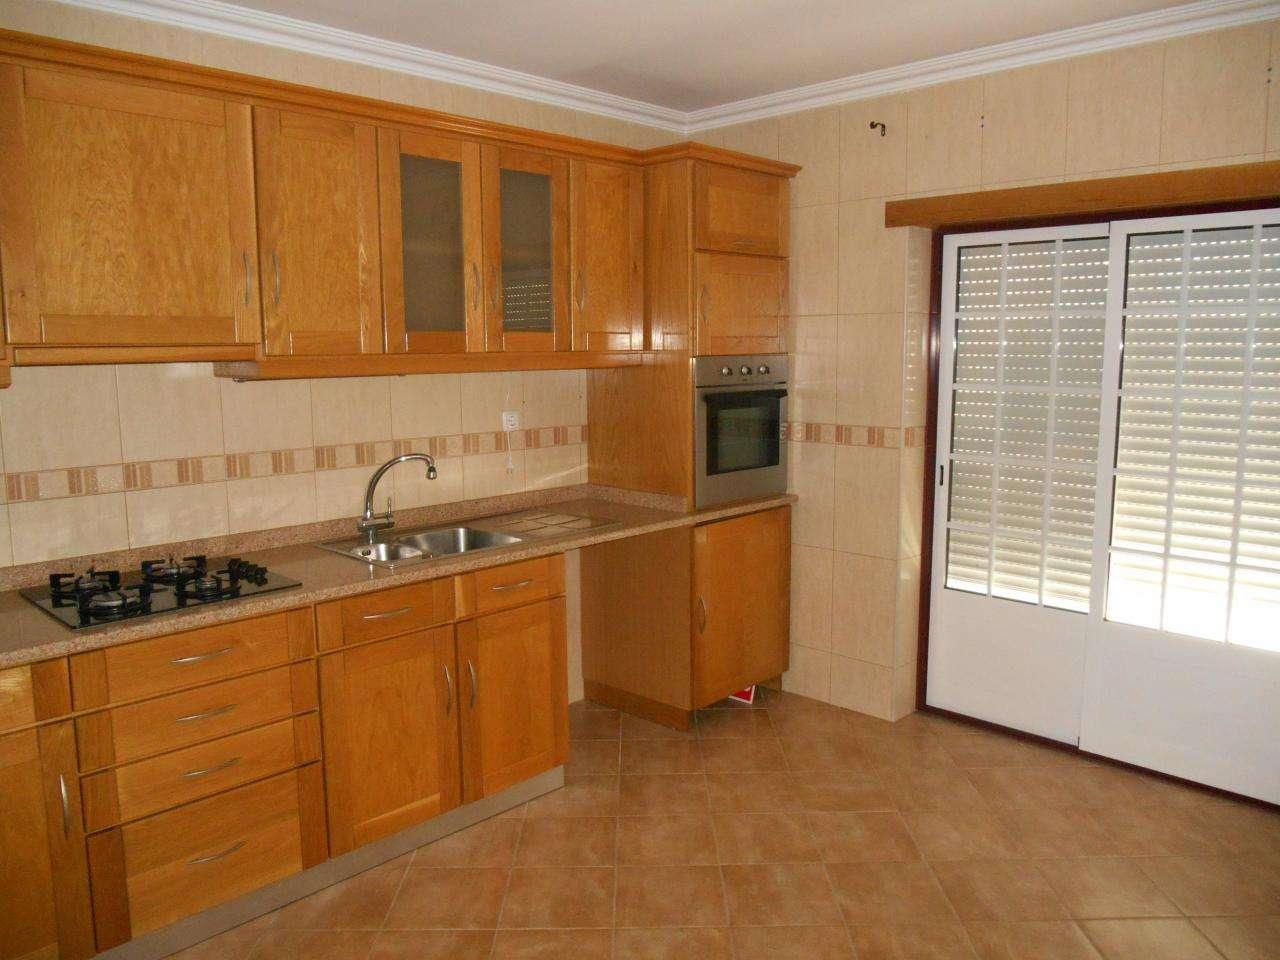 Apartamento para comprar, Zebreira e Segura, Castelo Branco - Foto 3